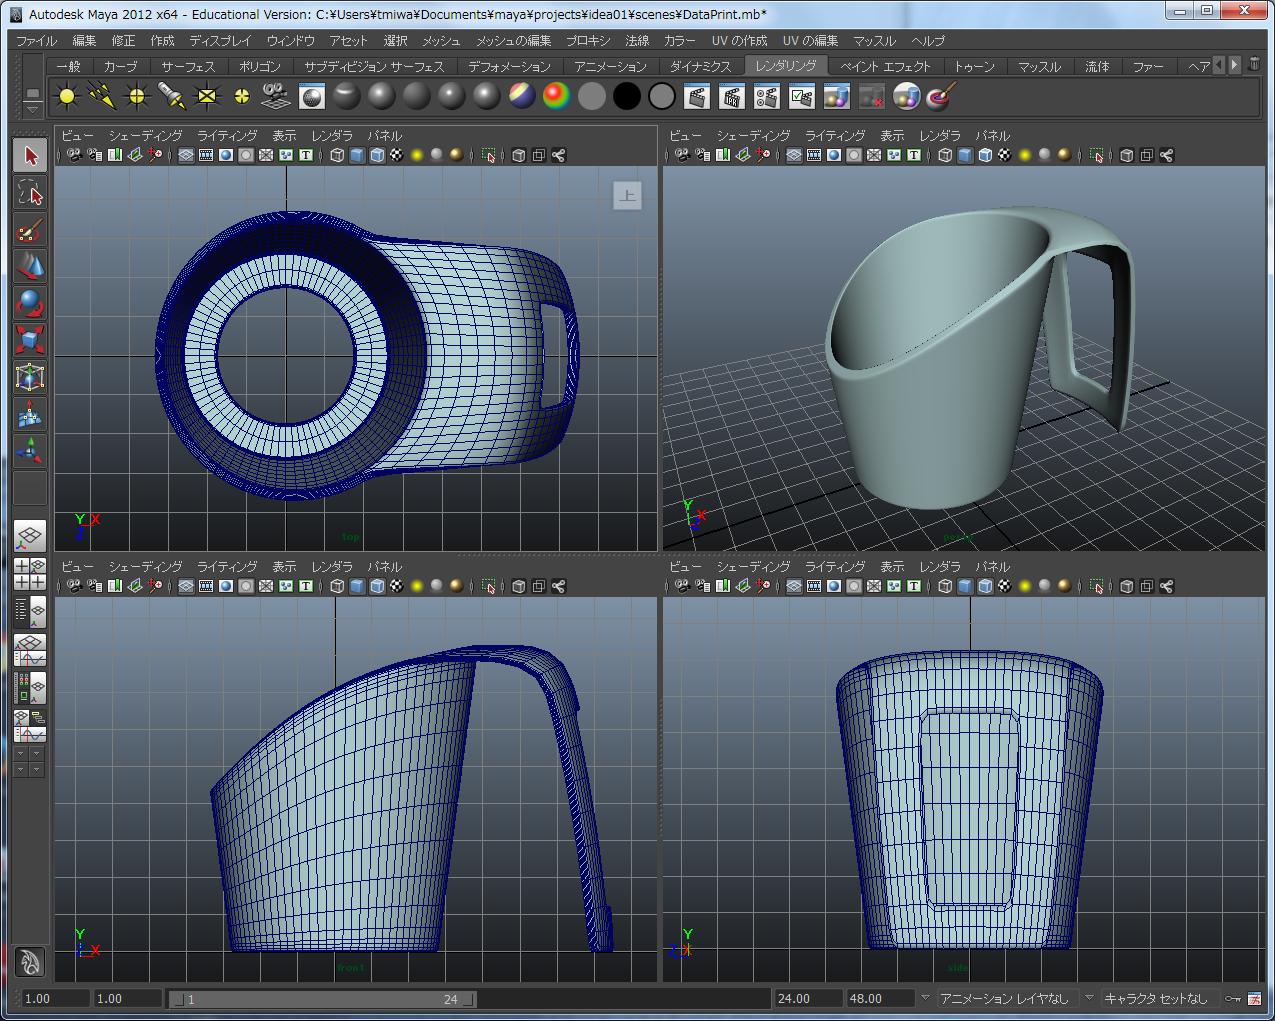 「楽らく紙コップホルダー」モデリングの様子(Autodesk Mayaを使用)